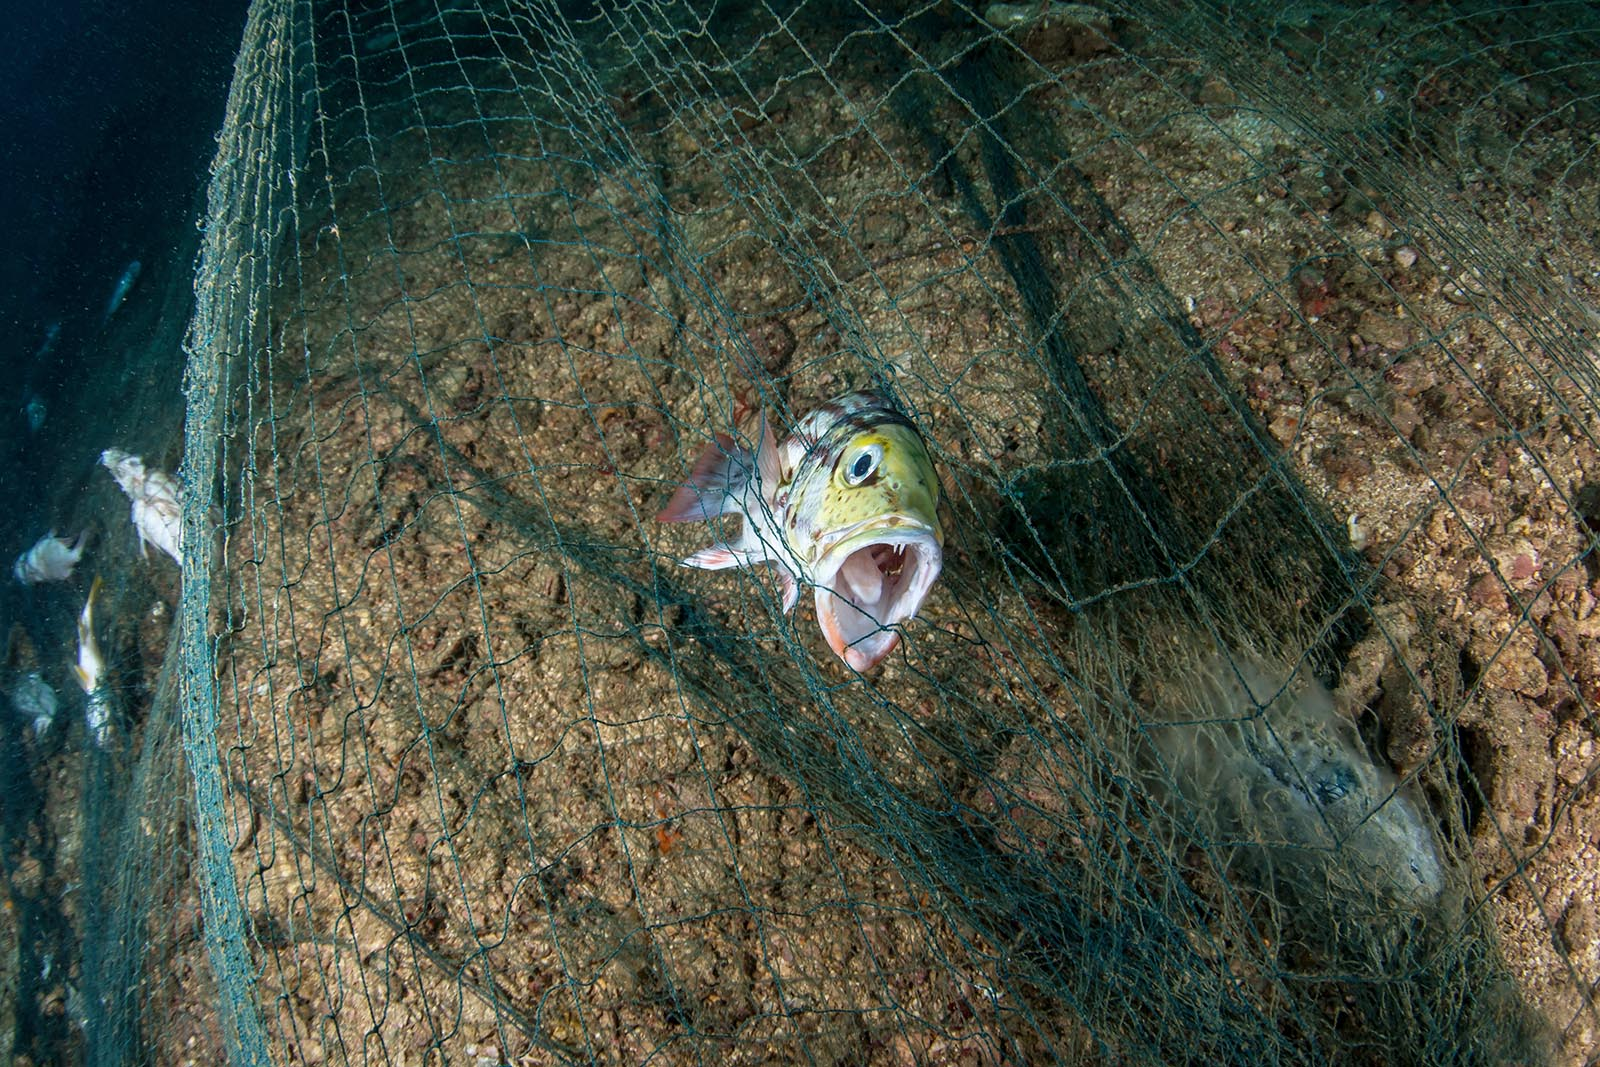 """Mehr Schleppnetzfischerei in sogenannten Meeresschutzgebieten als außerhalb. Wir brauchen echte """"No-take""""-Zonen!"""